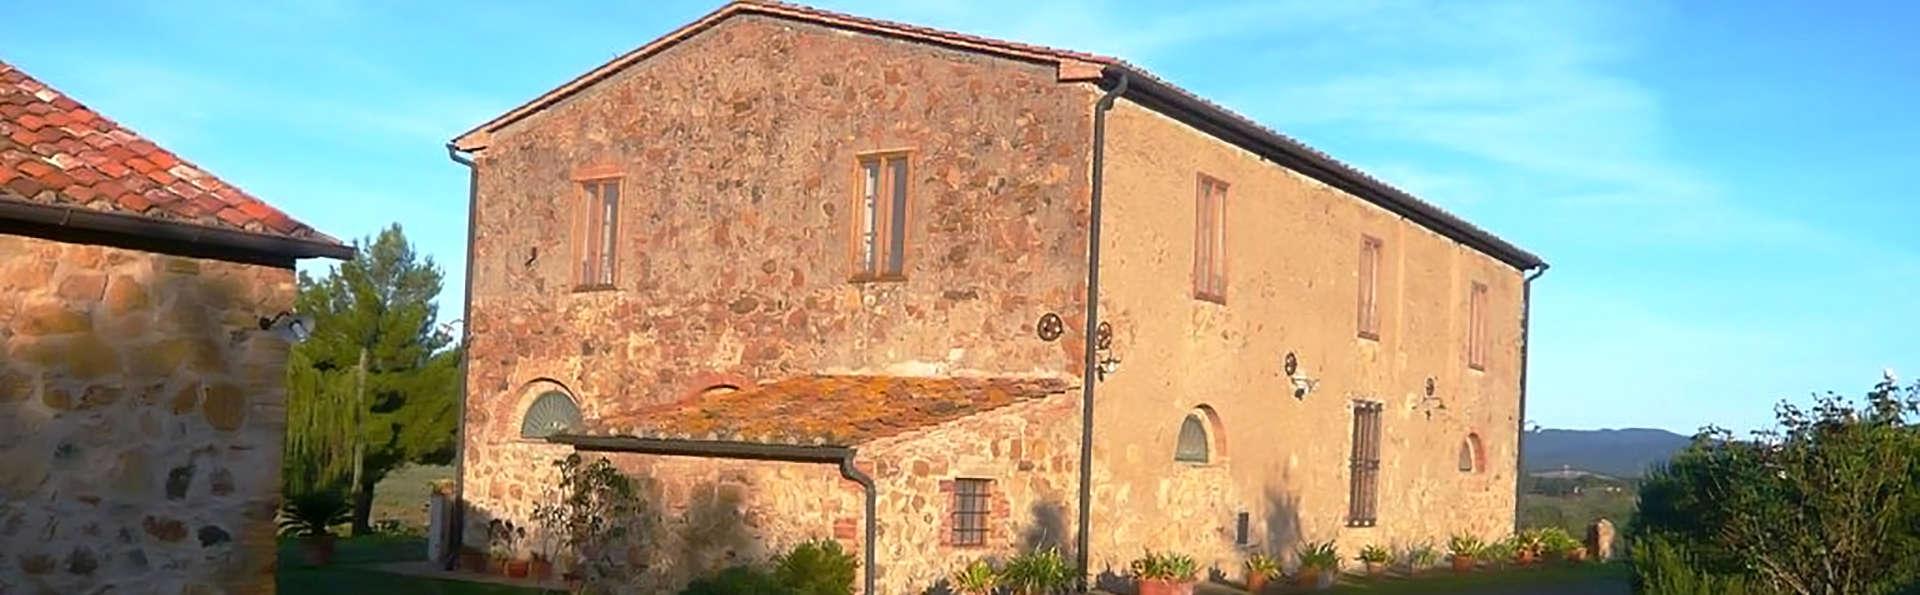 Agriturismo Casa Montecucco - Edit_Front.jpg